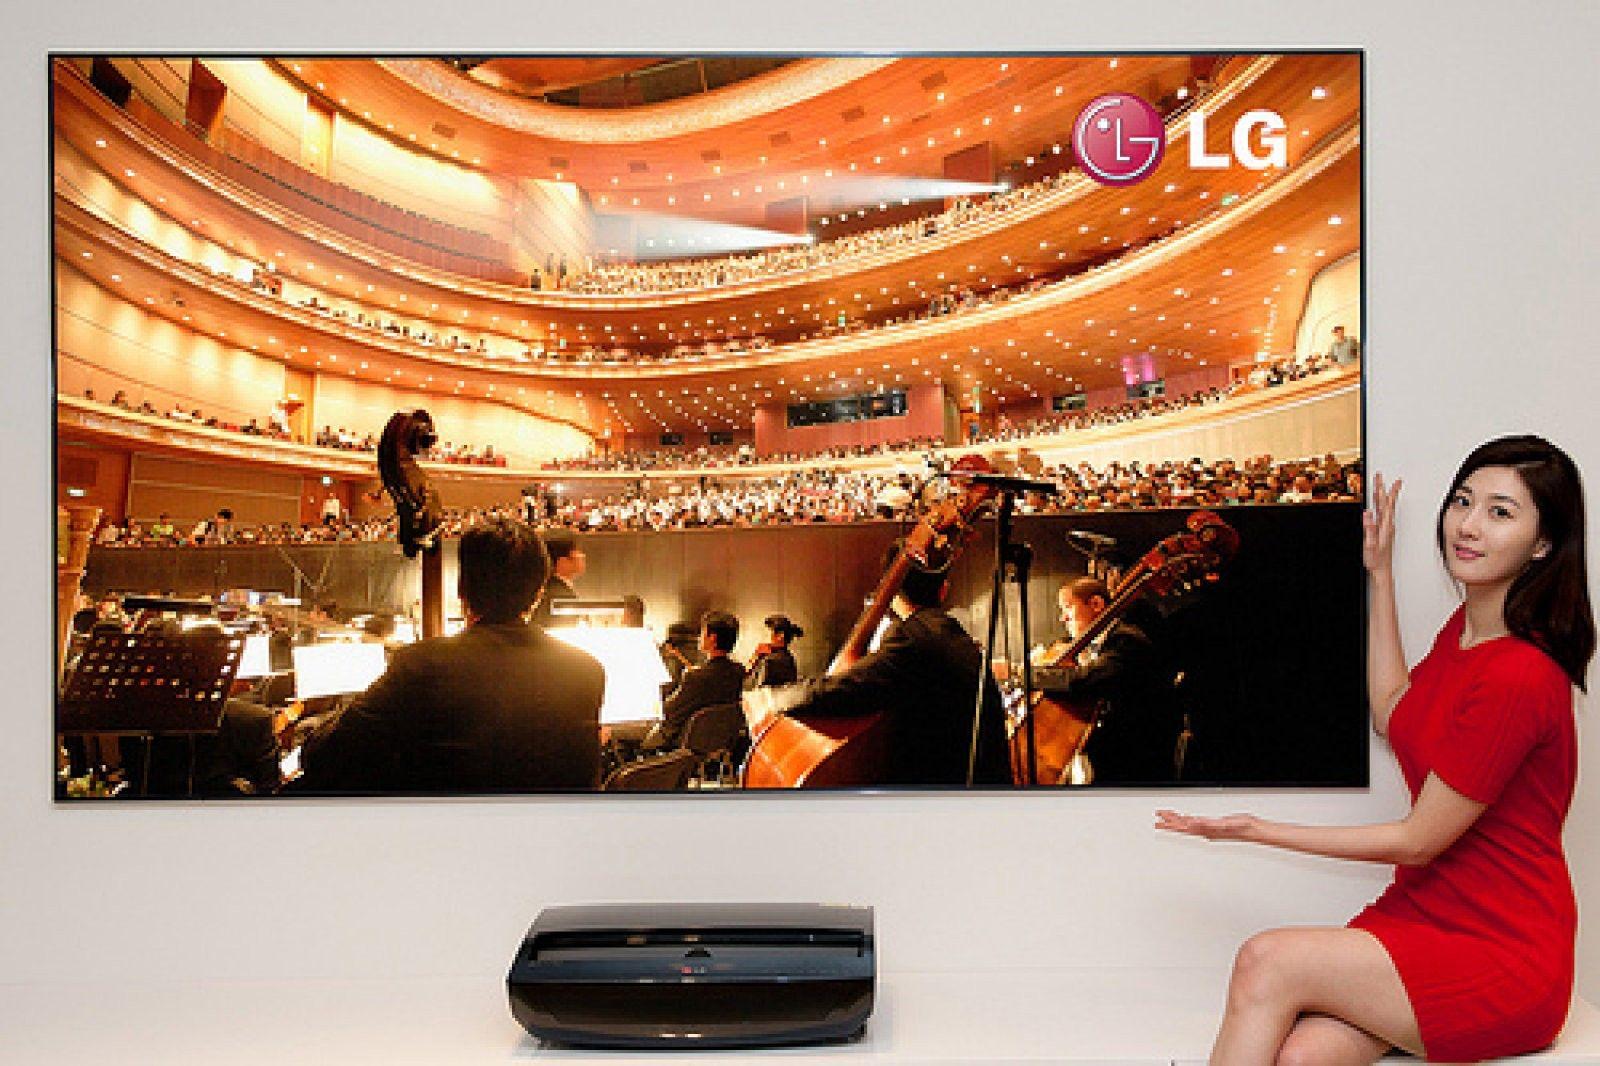 Lg presenta su proyector láser a 1080p oficialmente